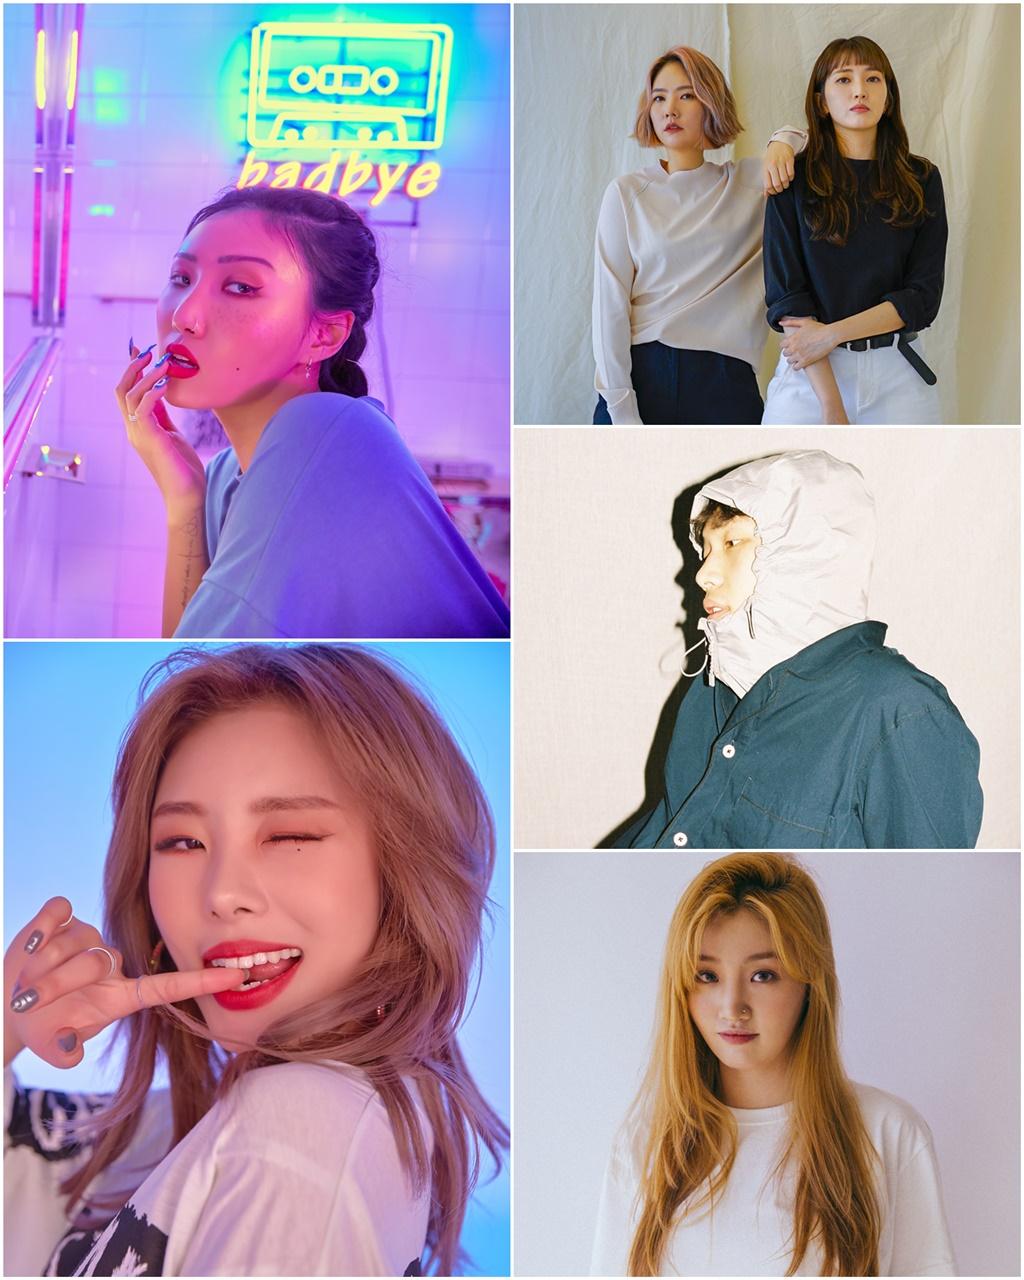 (0515) 김현철 새 미니앨범 피처링진 조합본.jpg